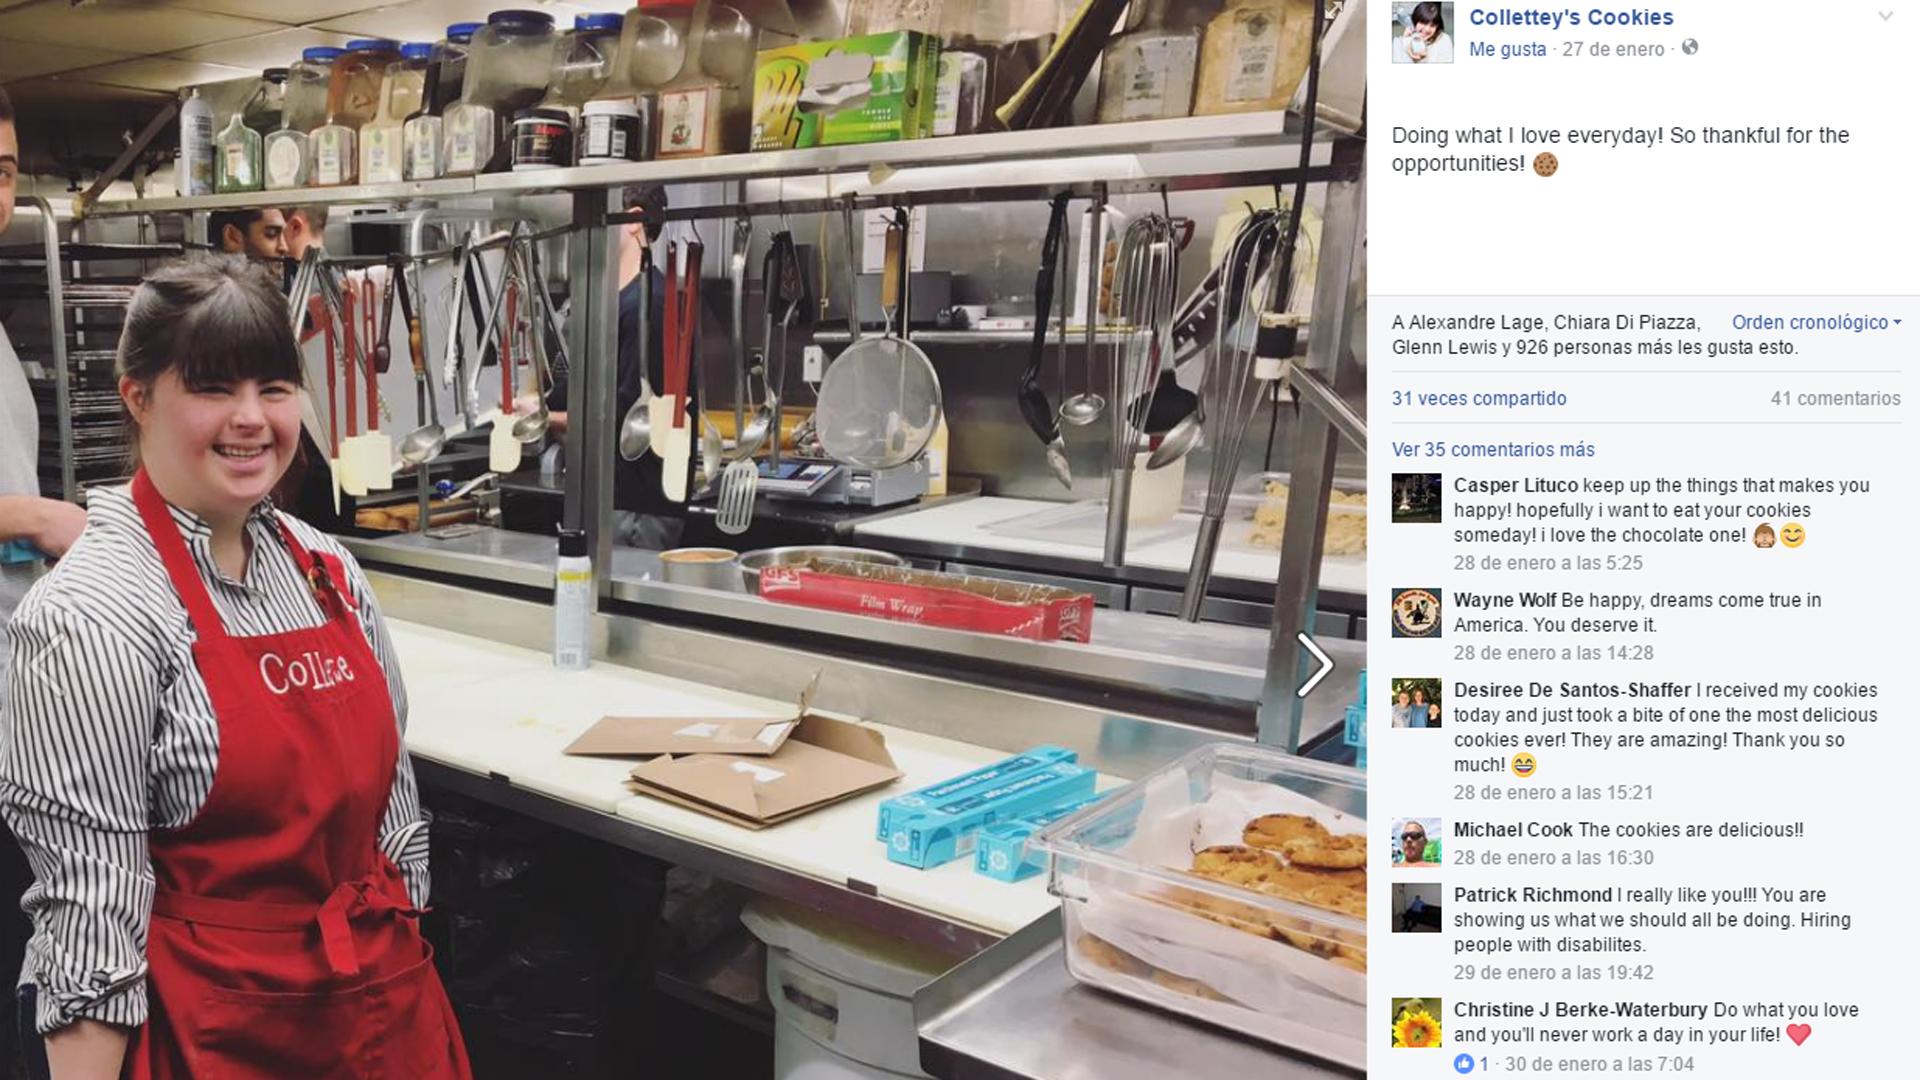 La joven comparte en sus redes sociales el día a día de su negocio (Facebook Colette)